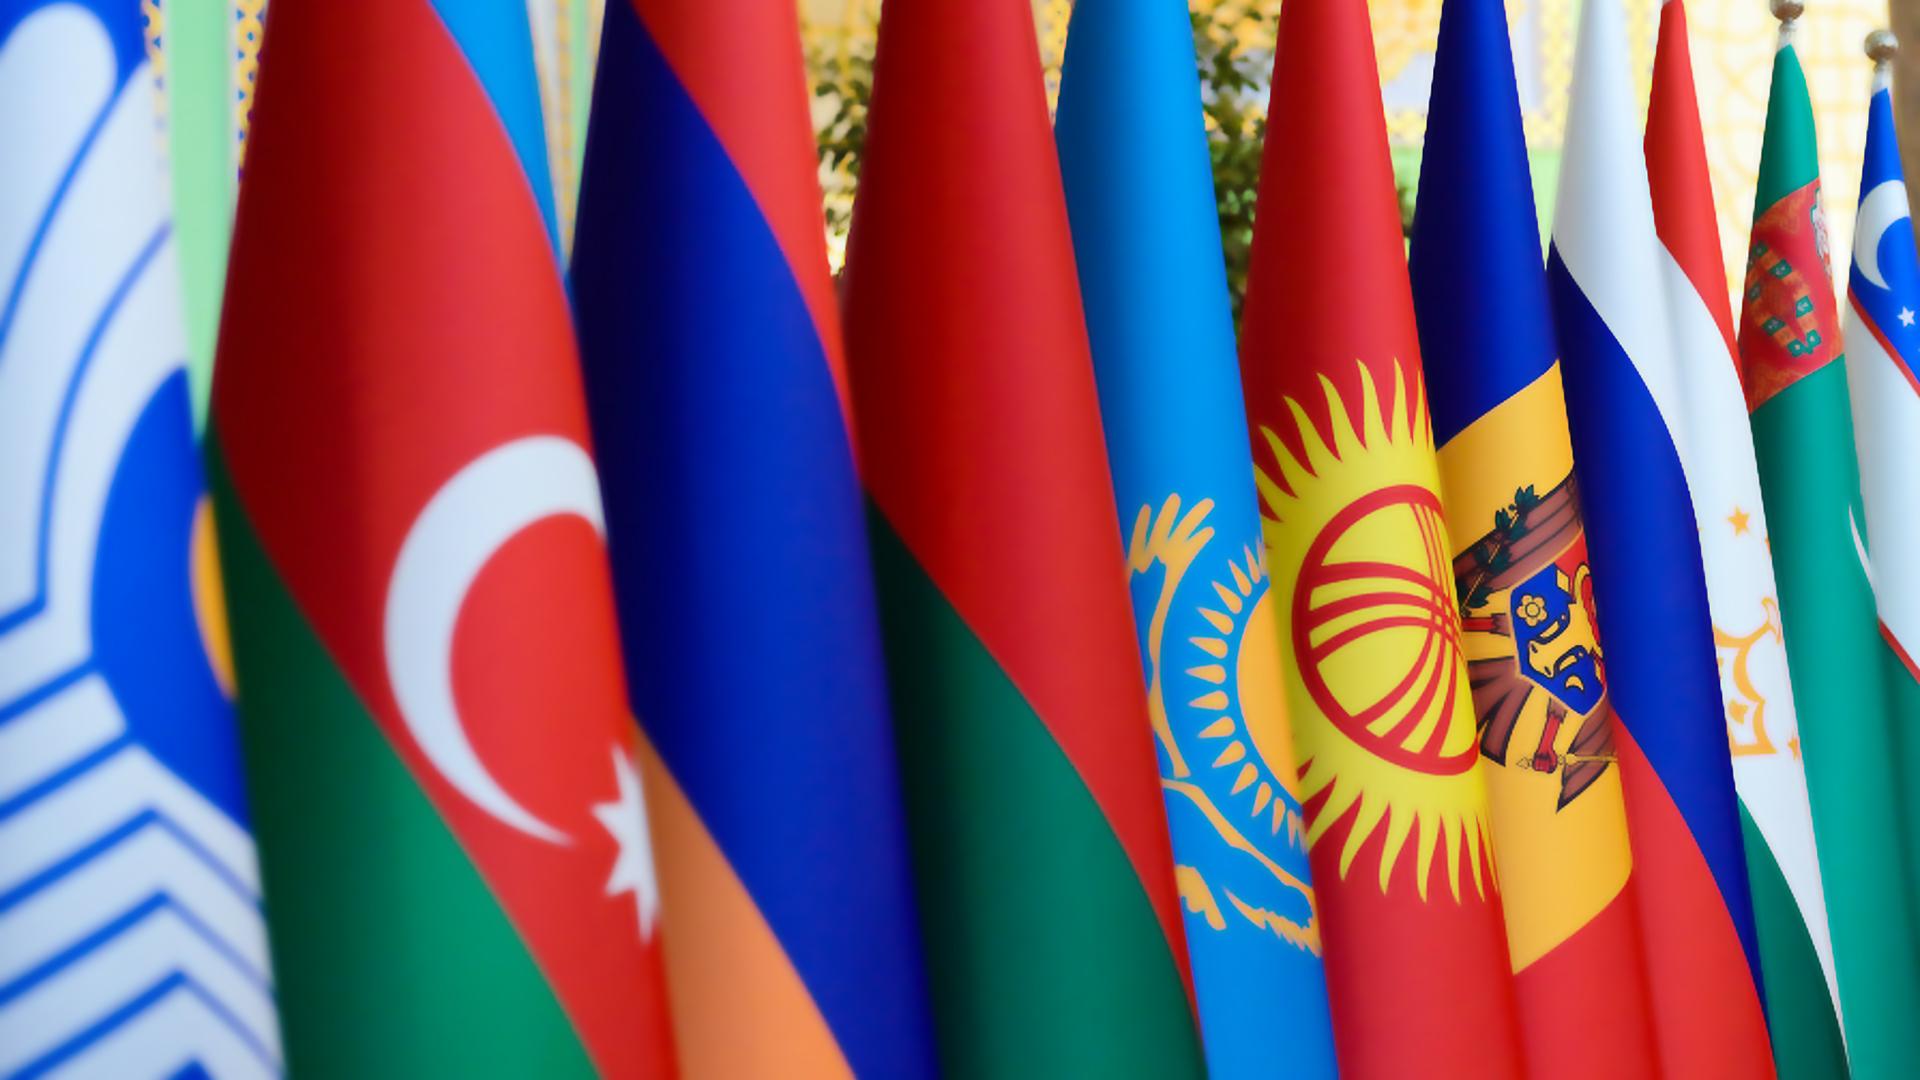 ҚР Премьер-Министрі Асқар Мамин: ТМД елдерінің дербестігі факторын күшейту қажет